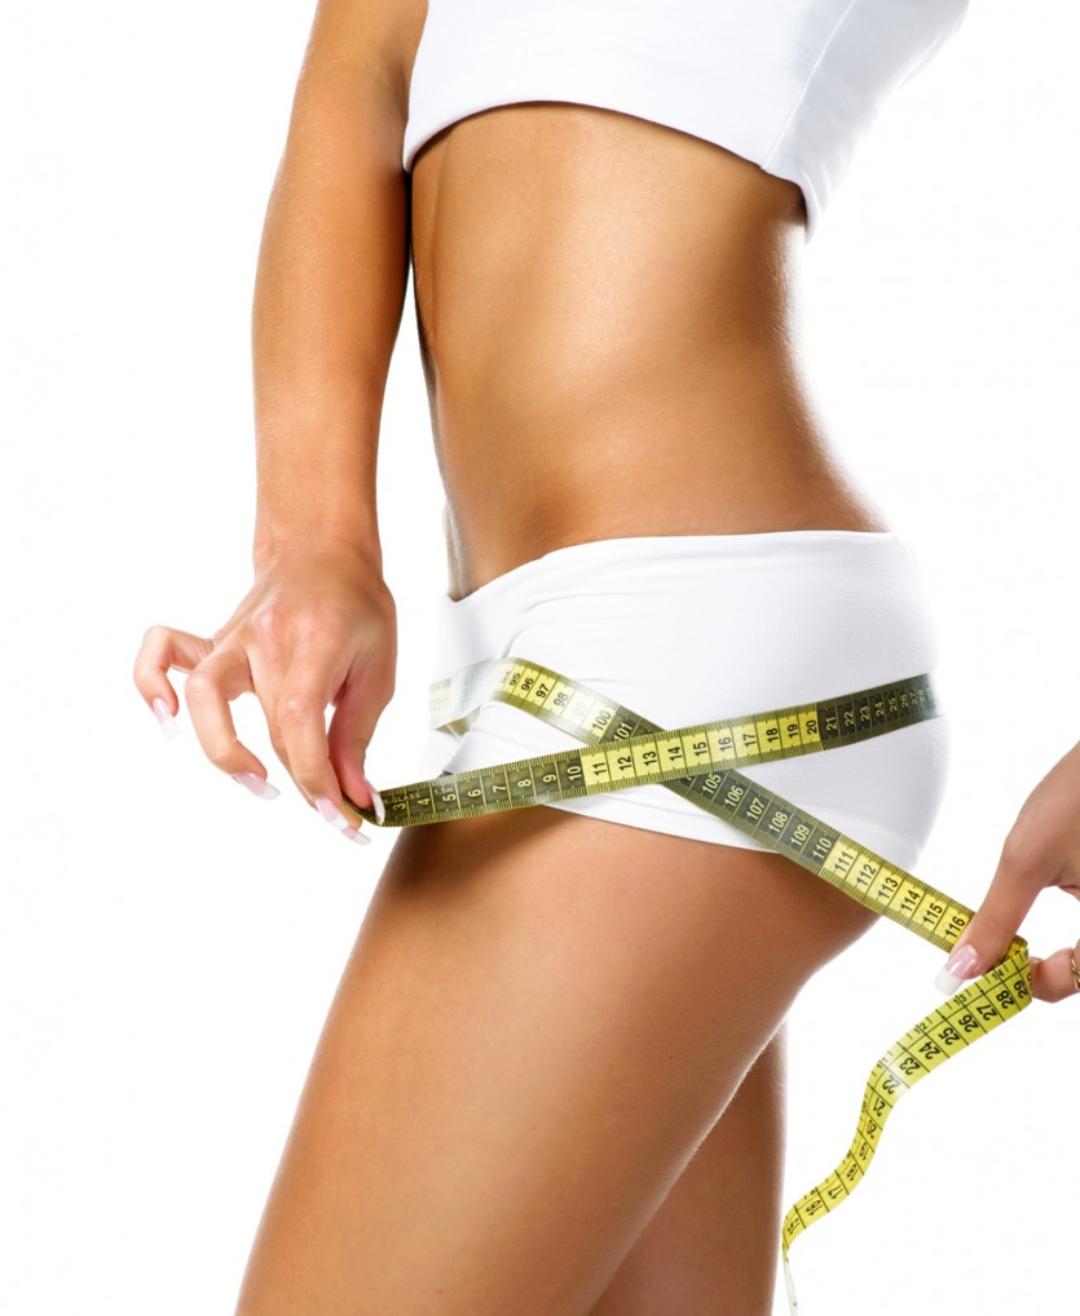 Trattamenti anticellulite e rimozione grasso localizzato a cosenza Mesoterapia